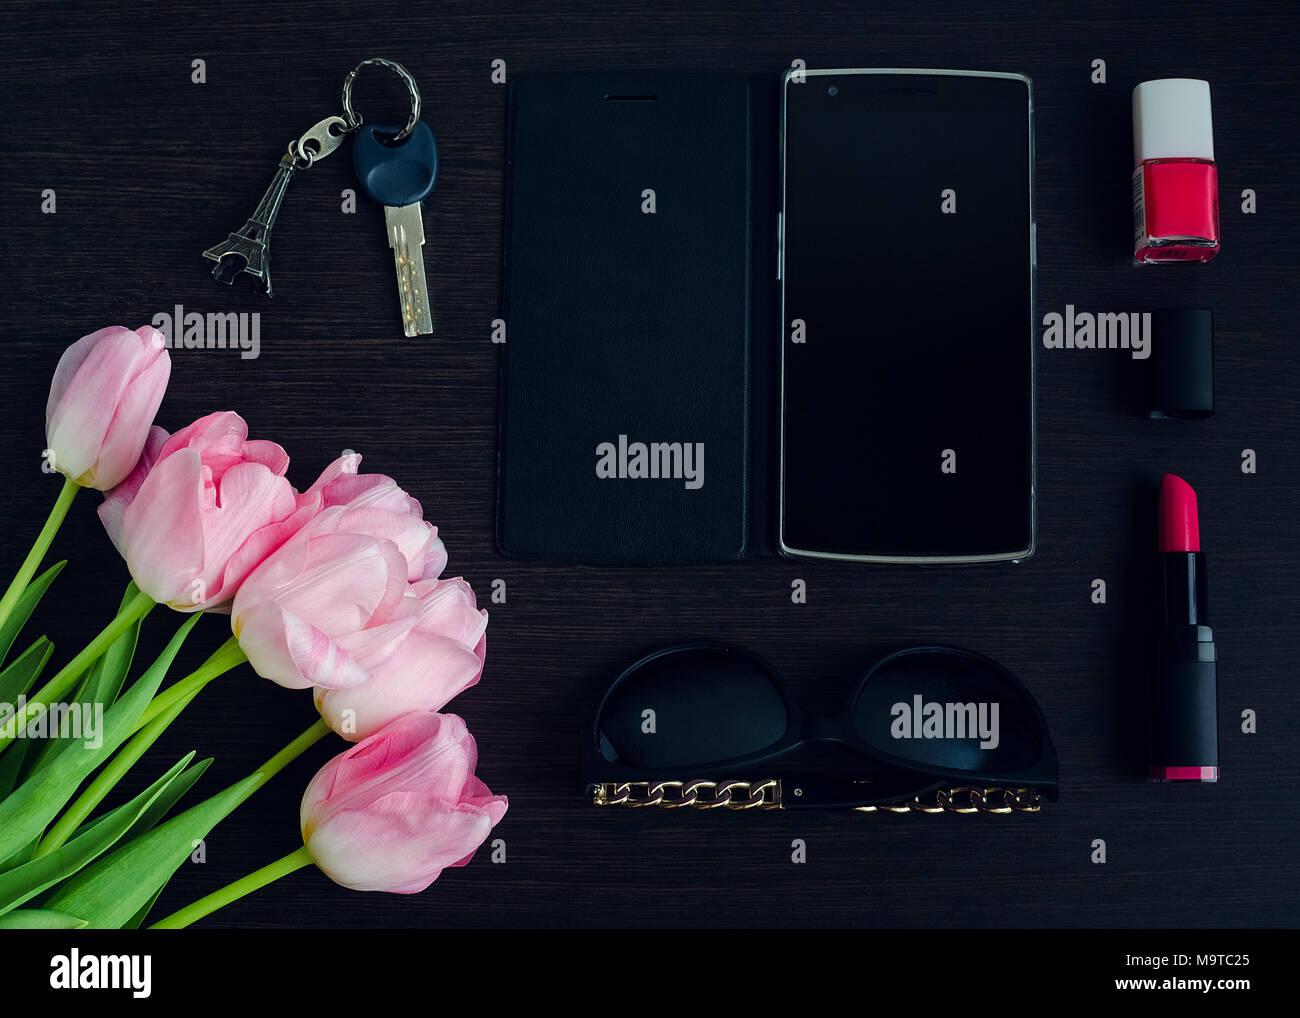 Donna Di Rosa E Nero Gli Accessori In Legno Scuro E Sfondo Telefono